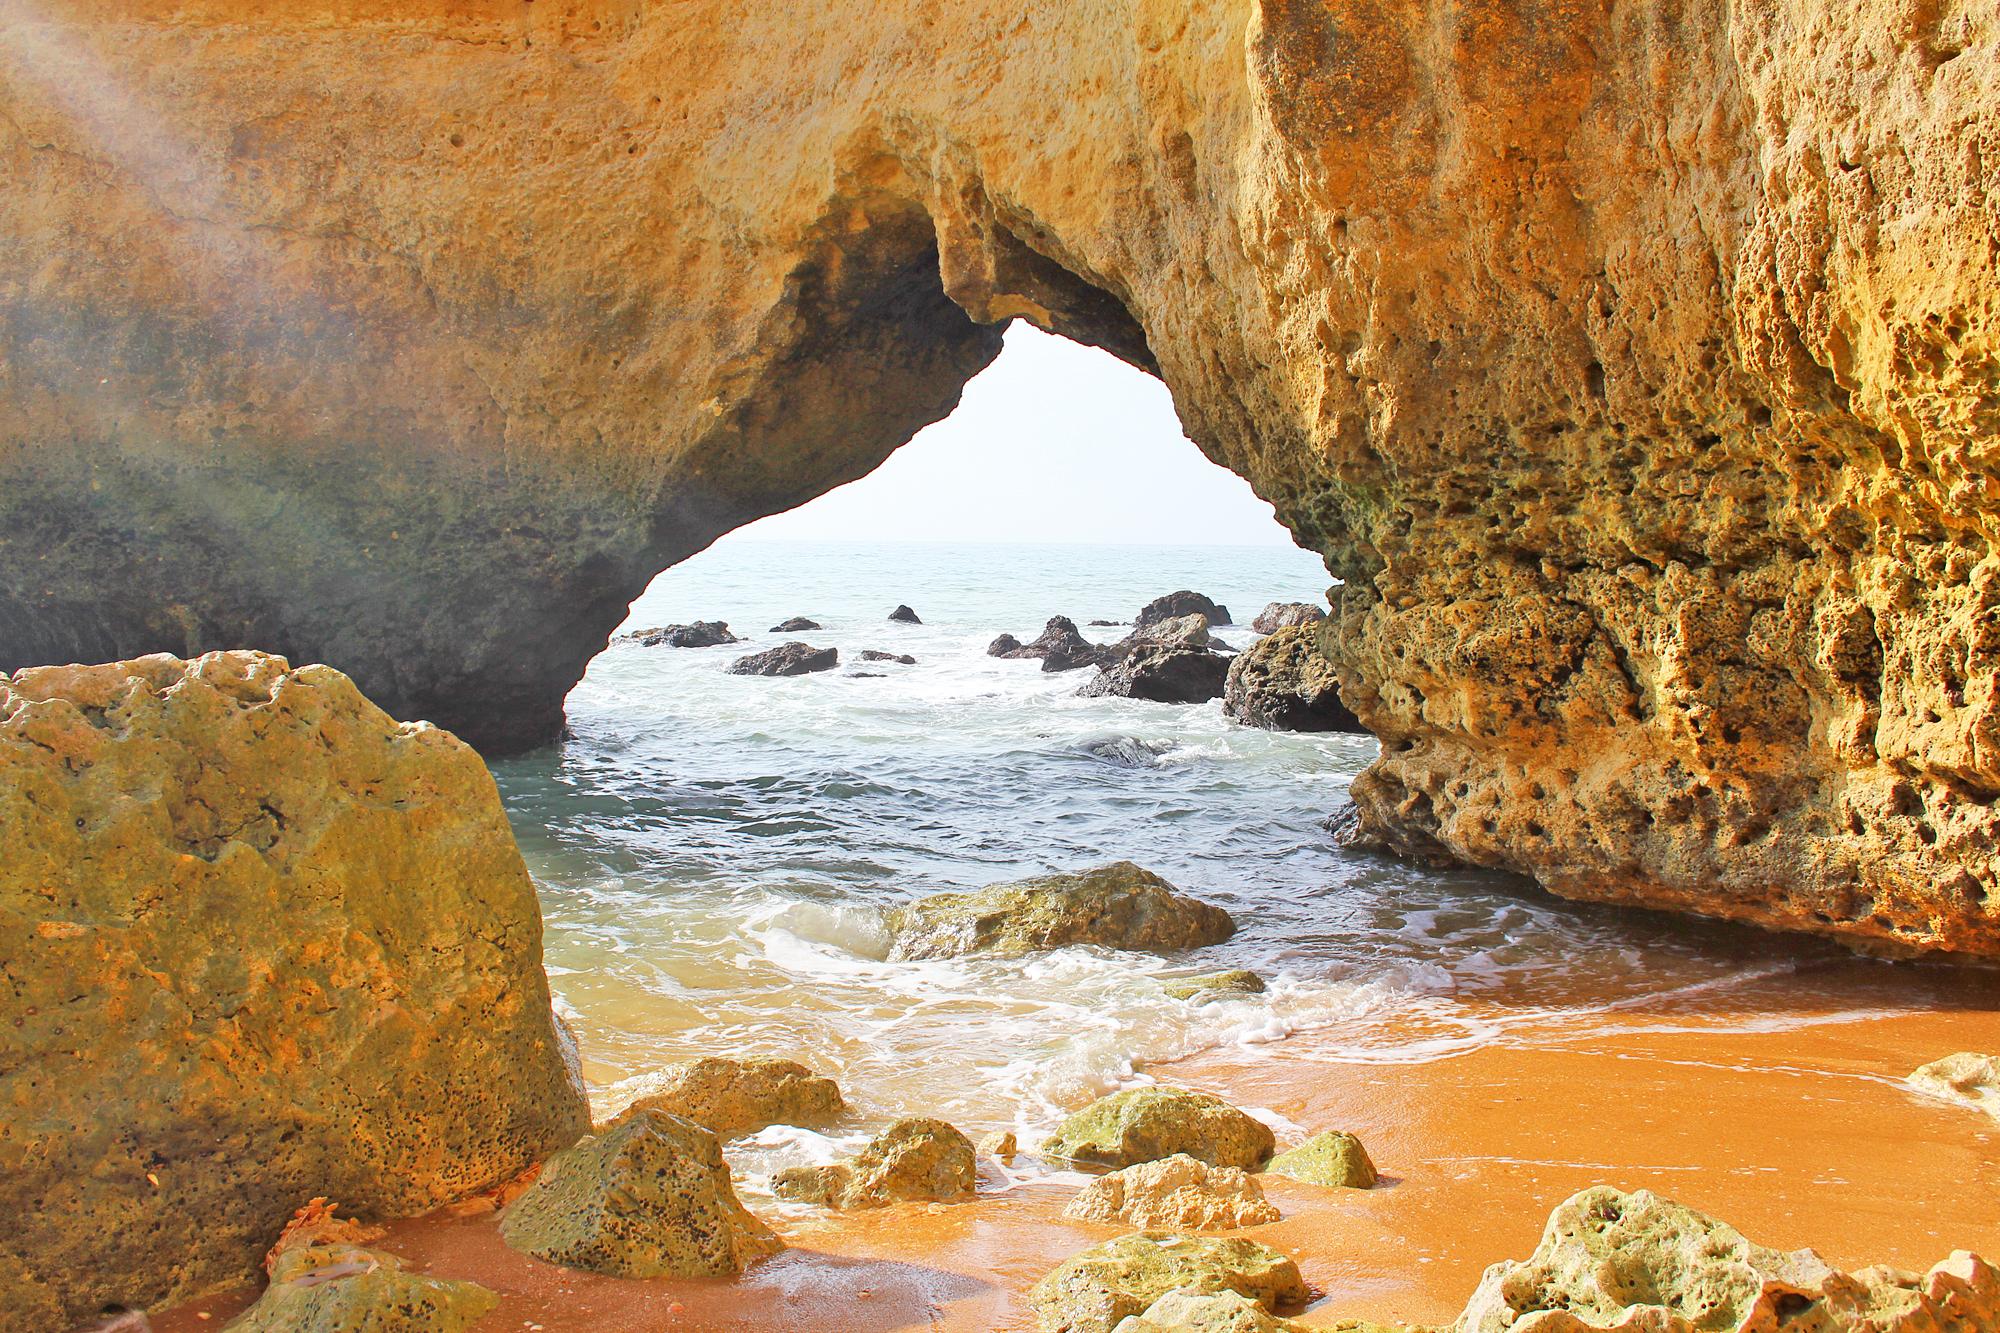 Praia da Coelha - Strand von Coelha 38